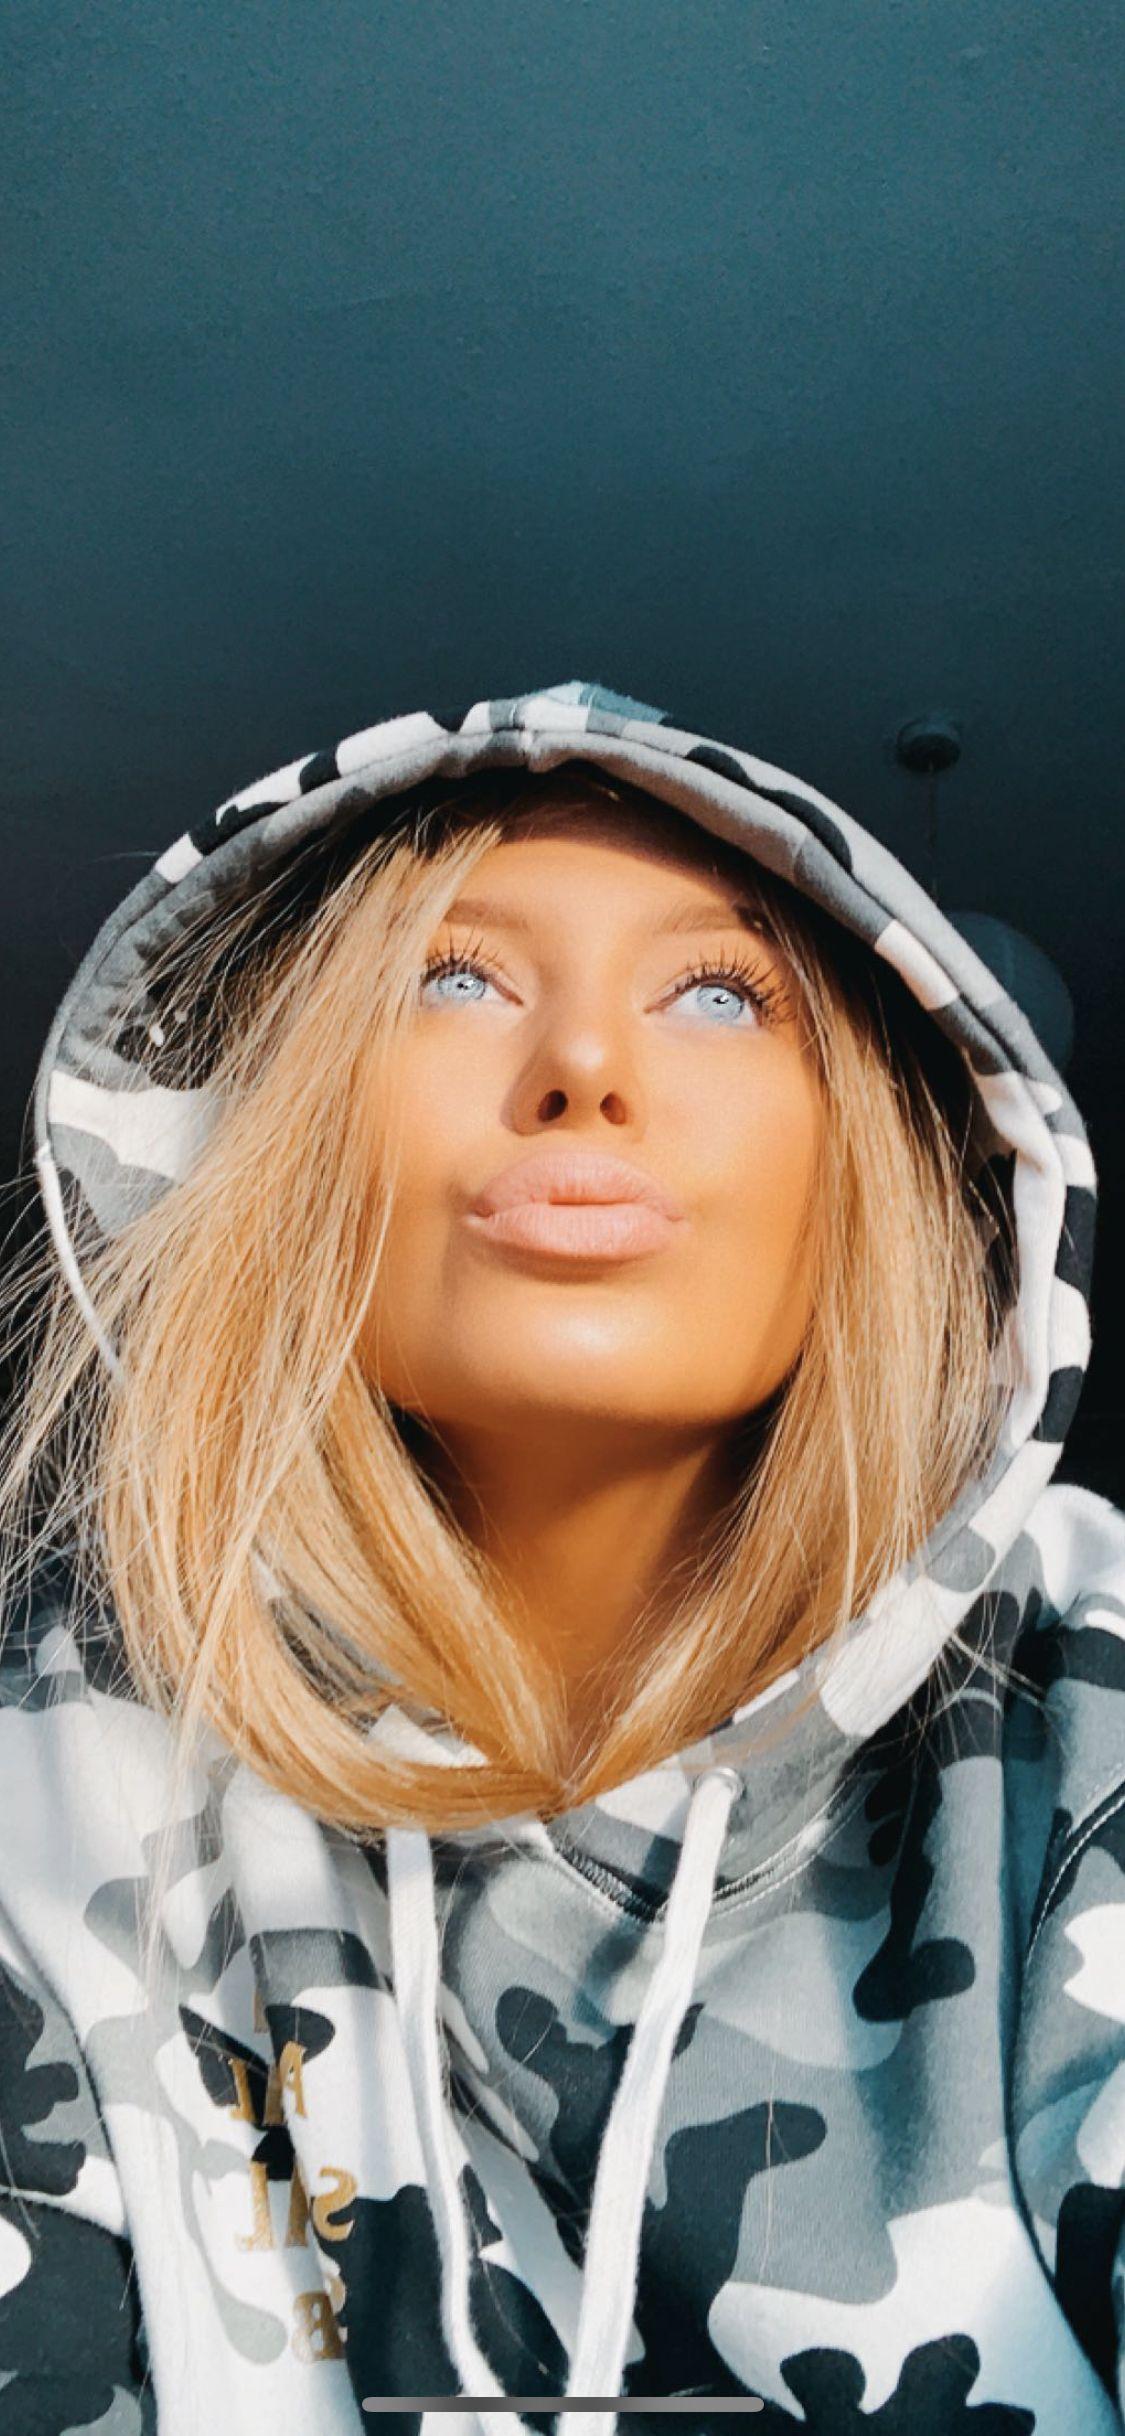 Camo Hoodie Blonde Hair Blue Eyes Tanned Girl Selfie Blonde Hair